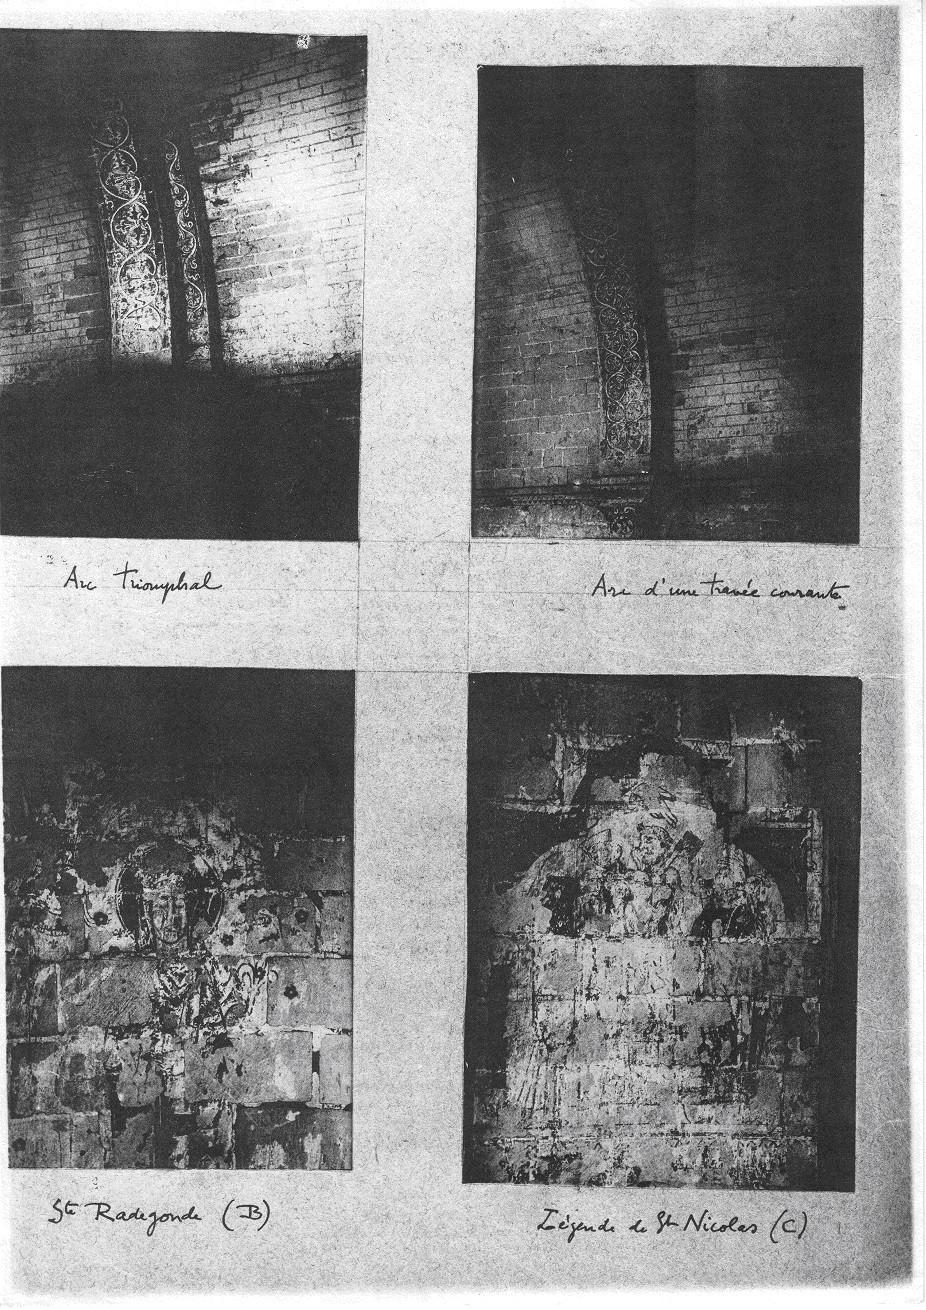 Dossier de classement - Ministère des affaires culturelles - 1913 p.2